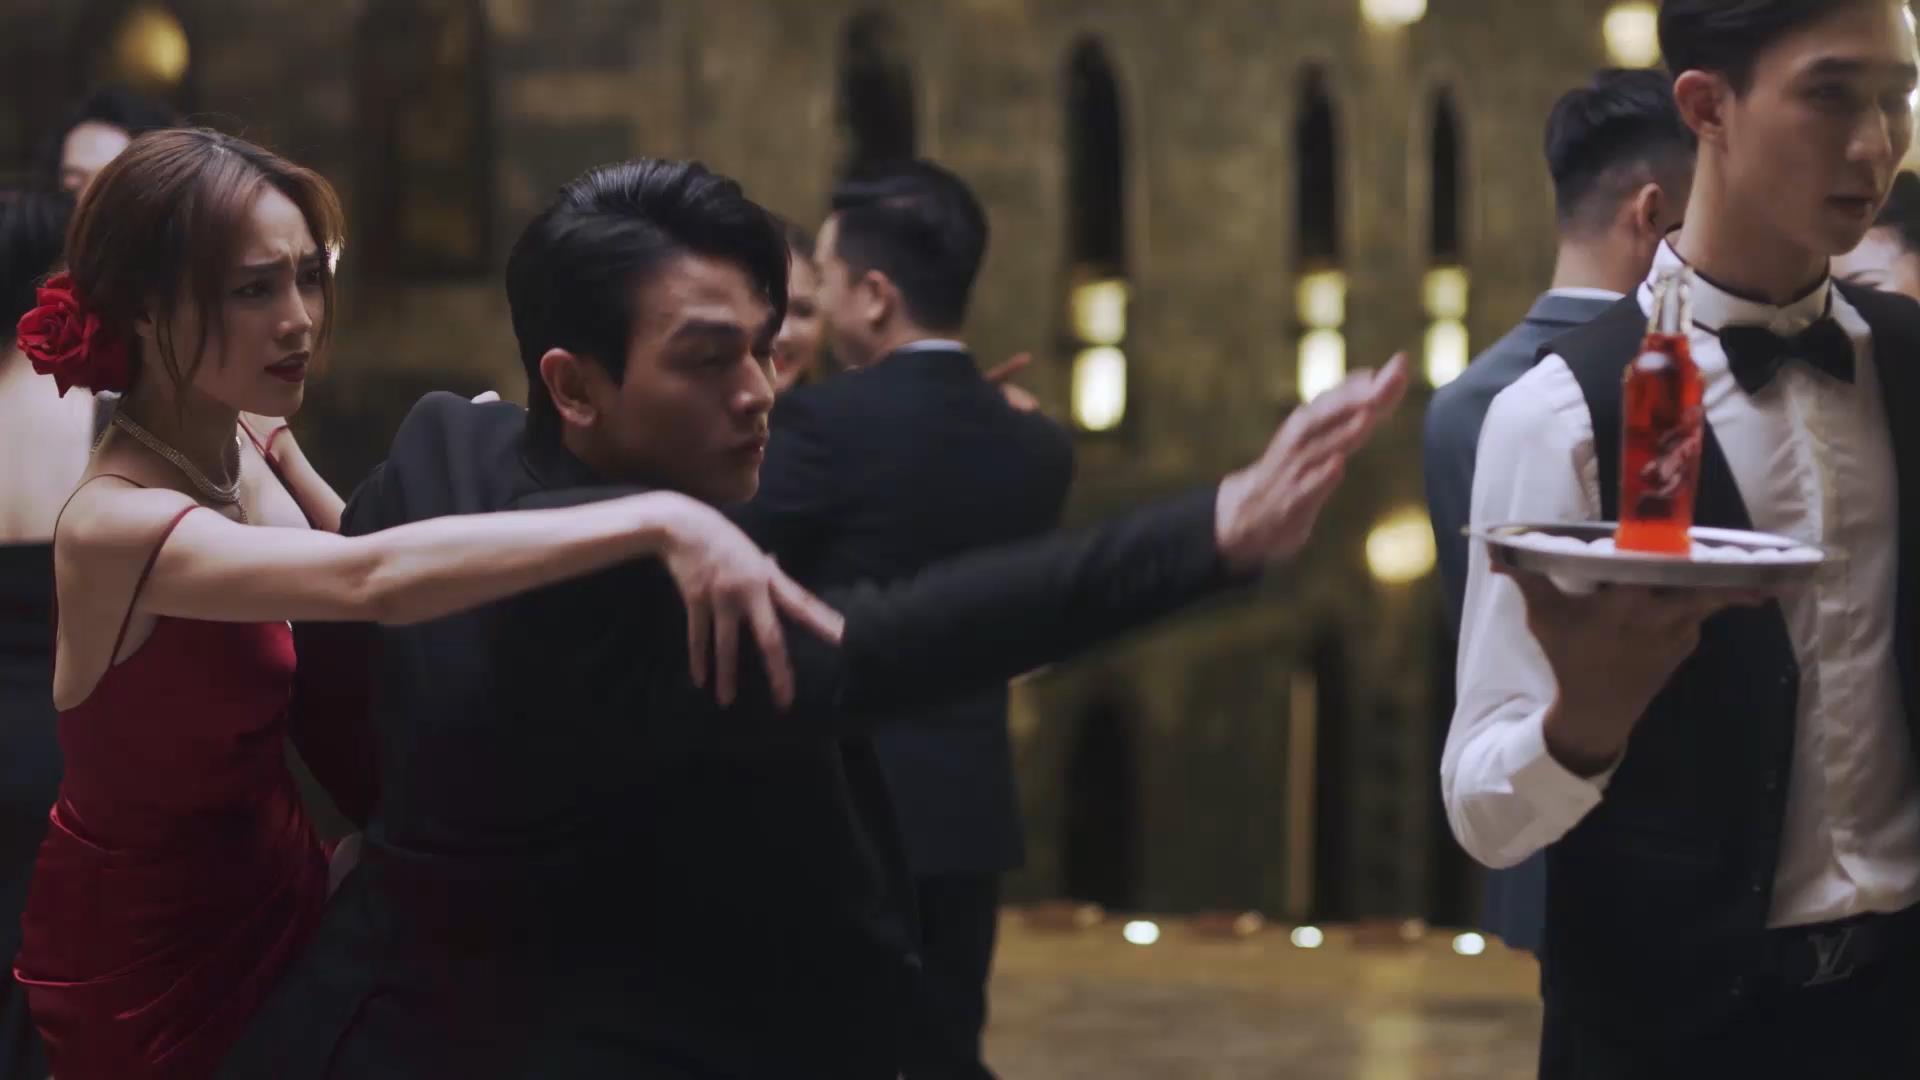 Lan Ngọc - Xuân Tiền không ngừng thả thính, chiêu trò trong clip mới nhưng vẫn nhận cái kết đắng - Ảnh 3.